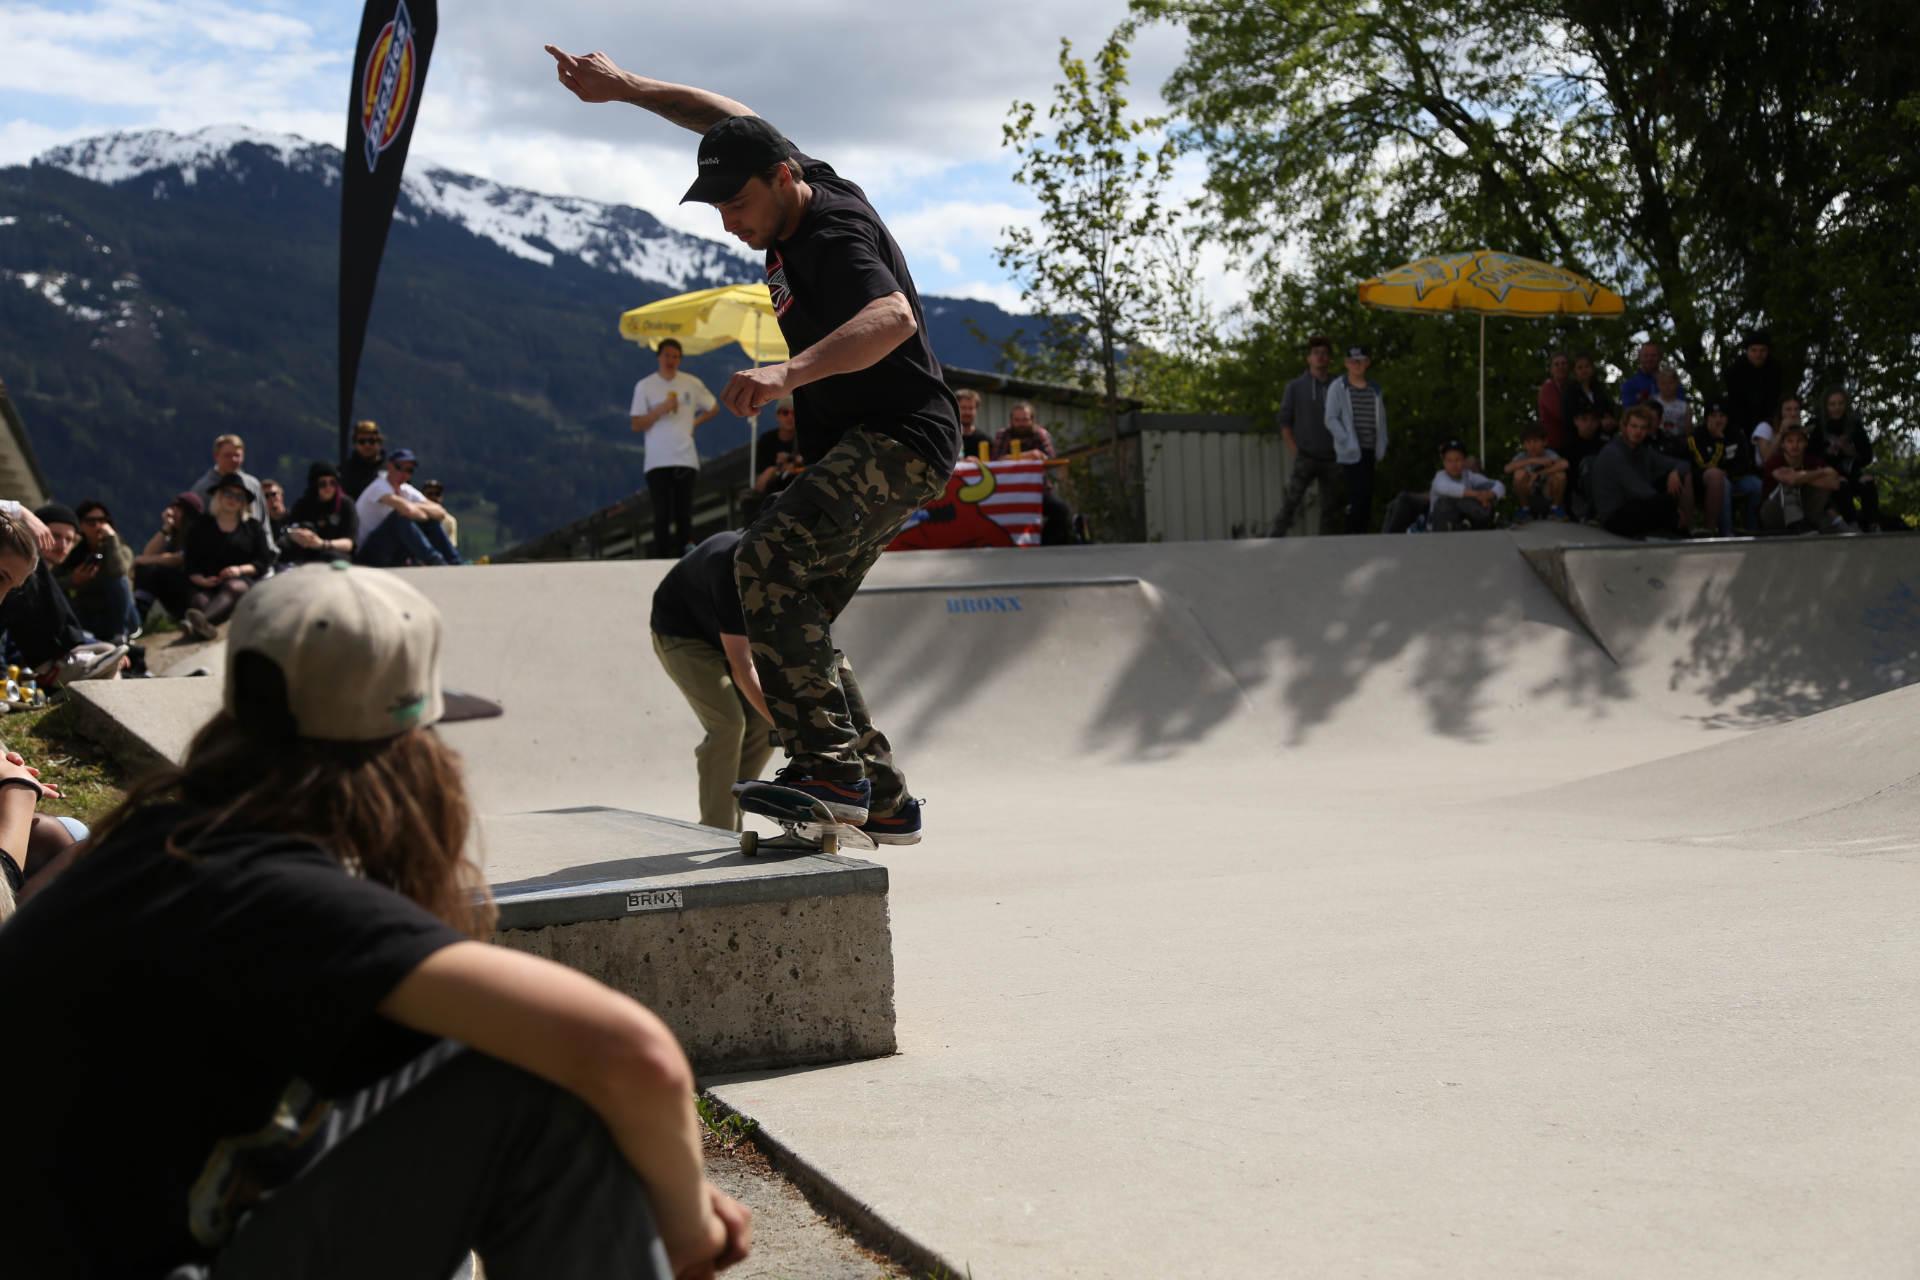 skateboard headz fieberbrunn kgt kitz gau trophy 2019 saalfelden hell00072